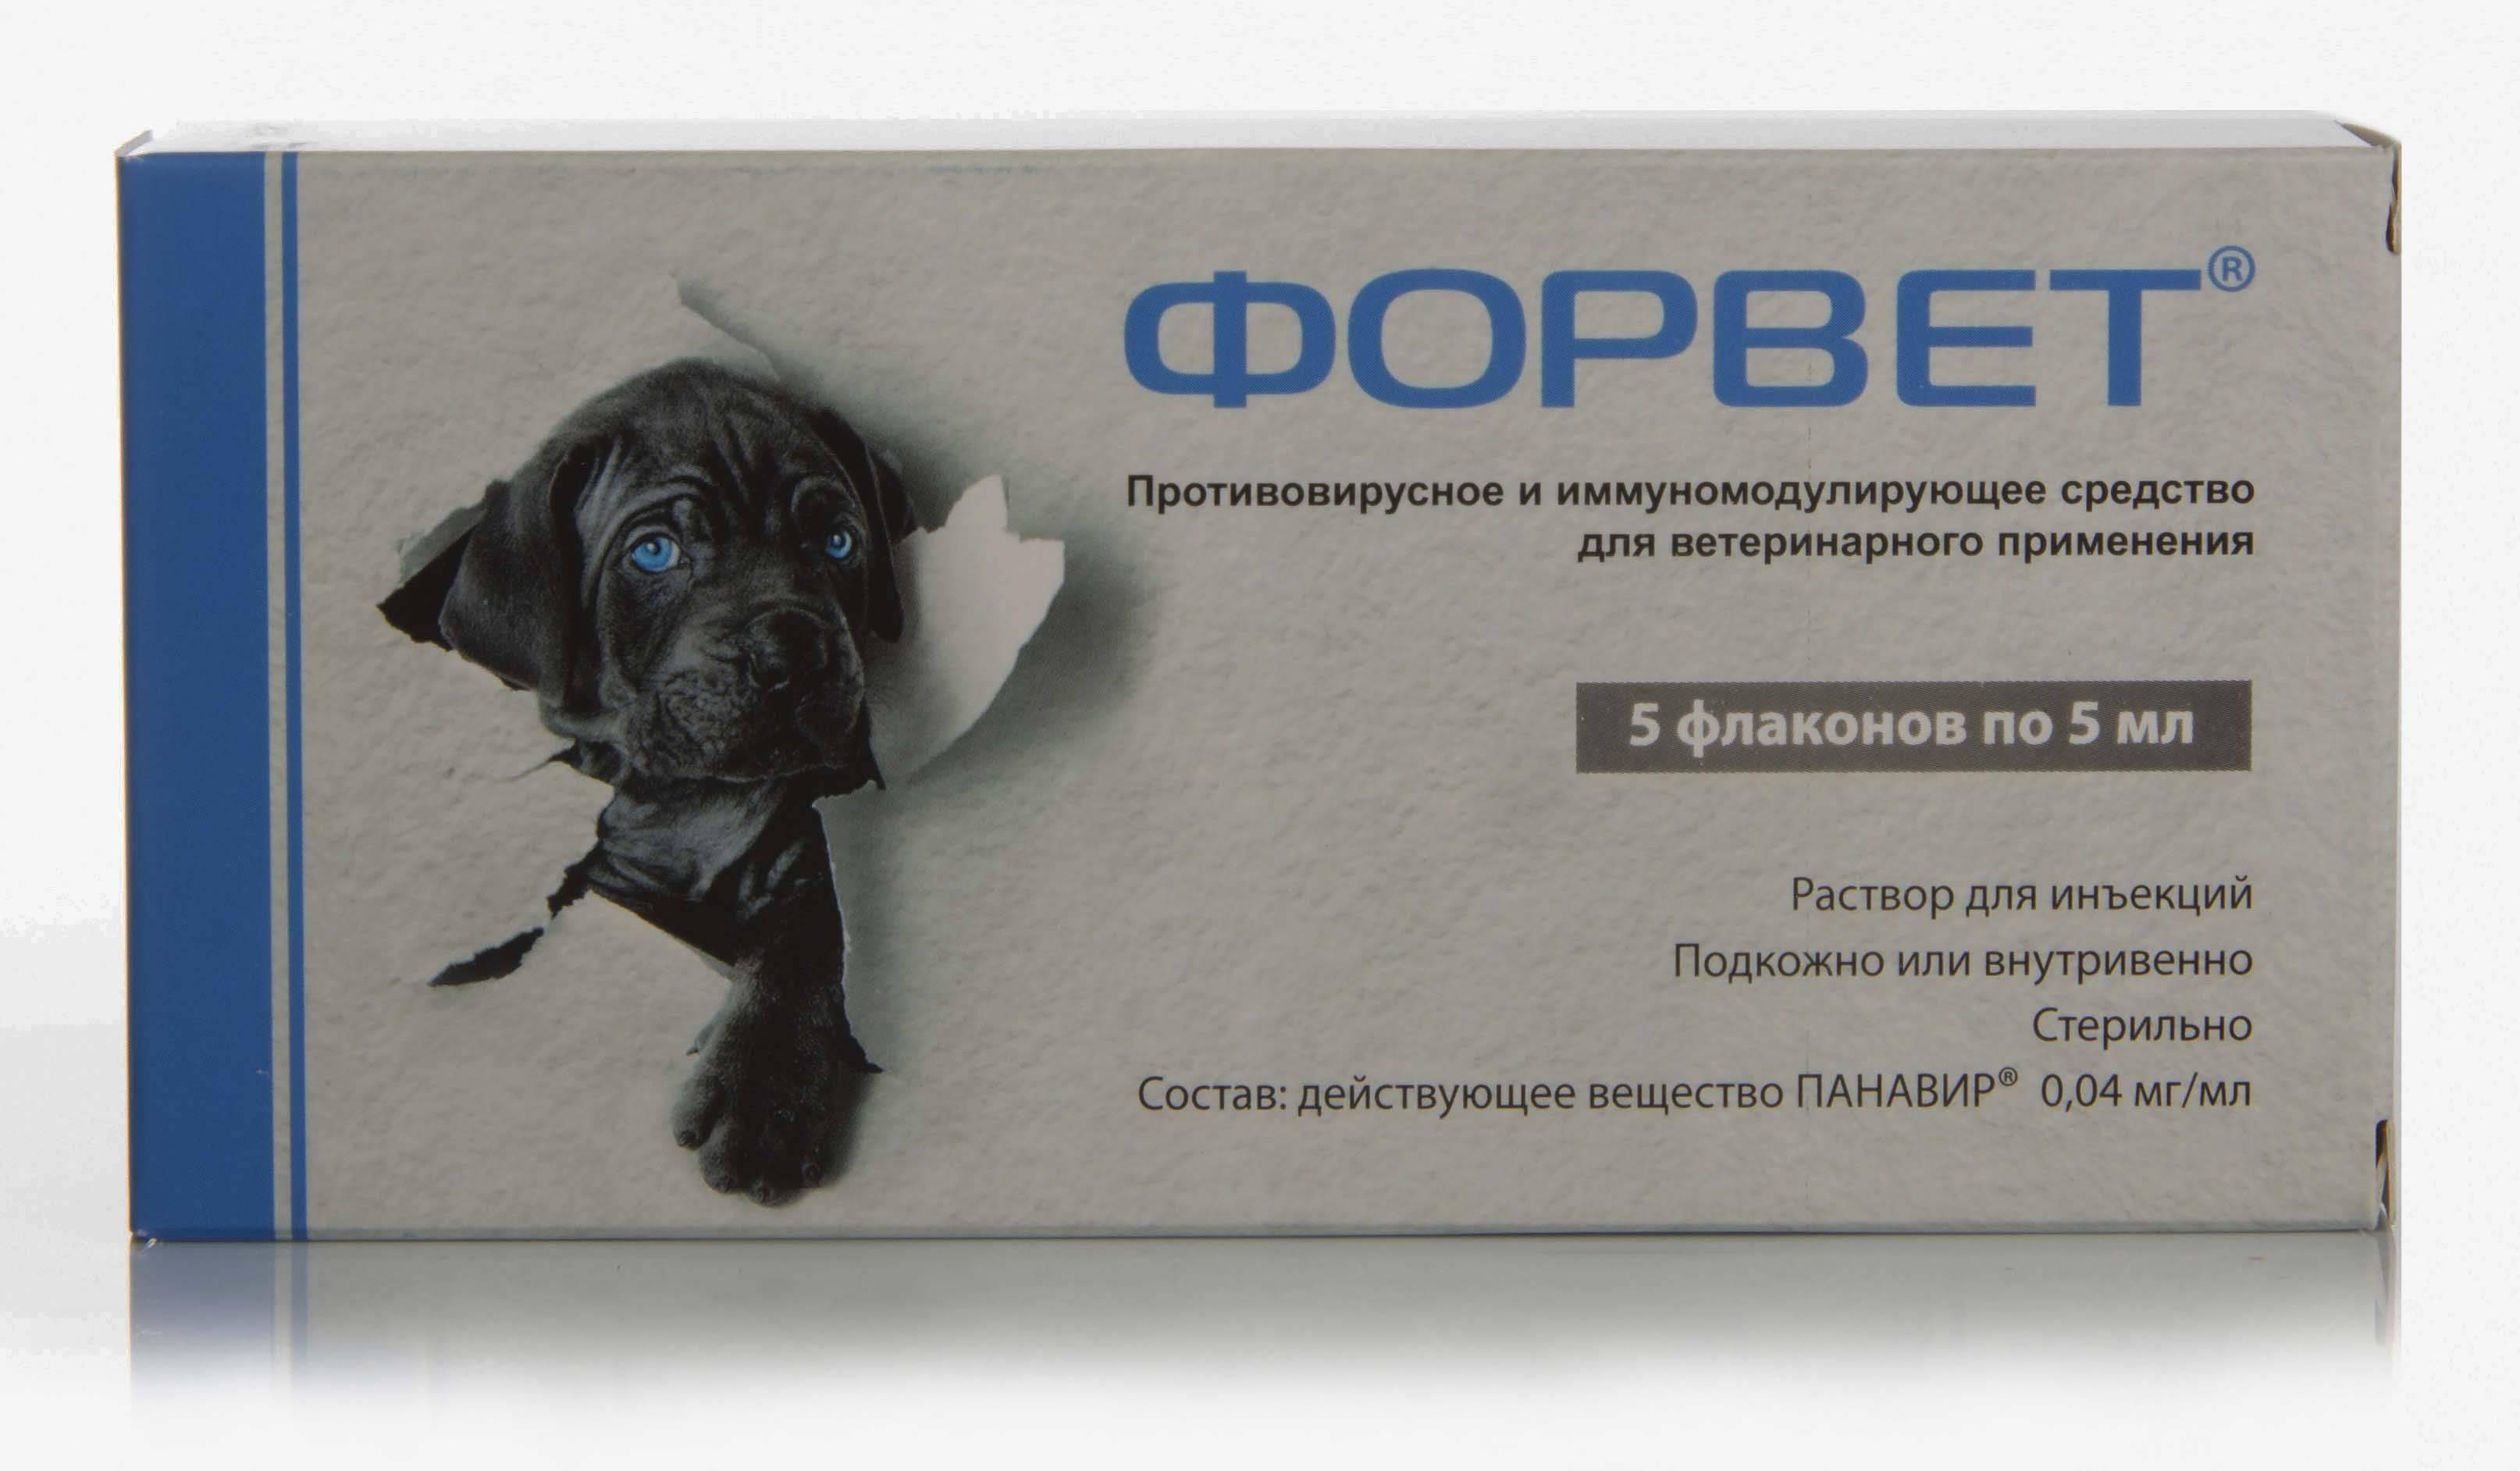 Форвет для собак